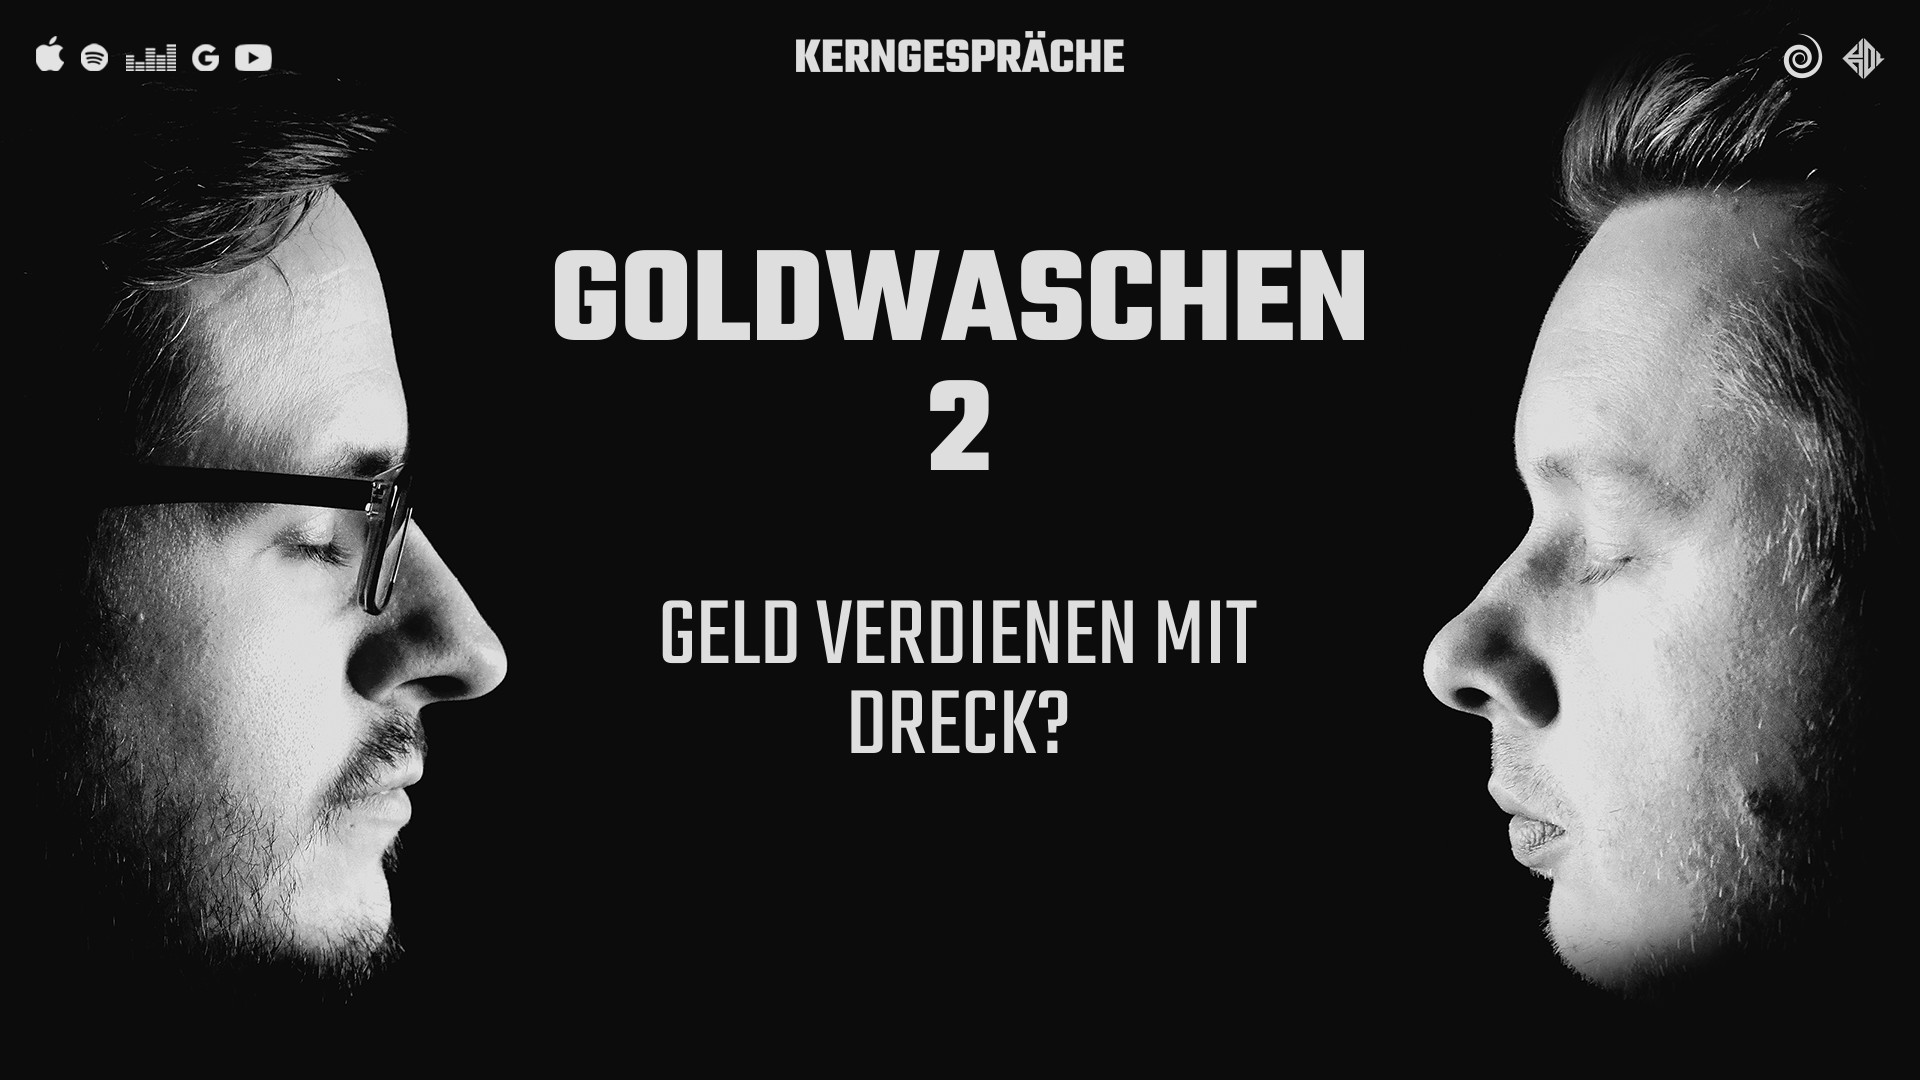 Goldwaschen 2: Geld verdienen mit Dreck?